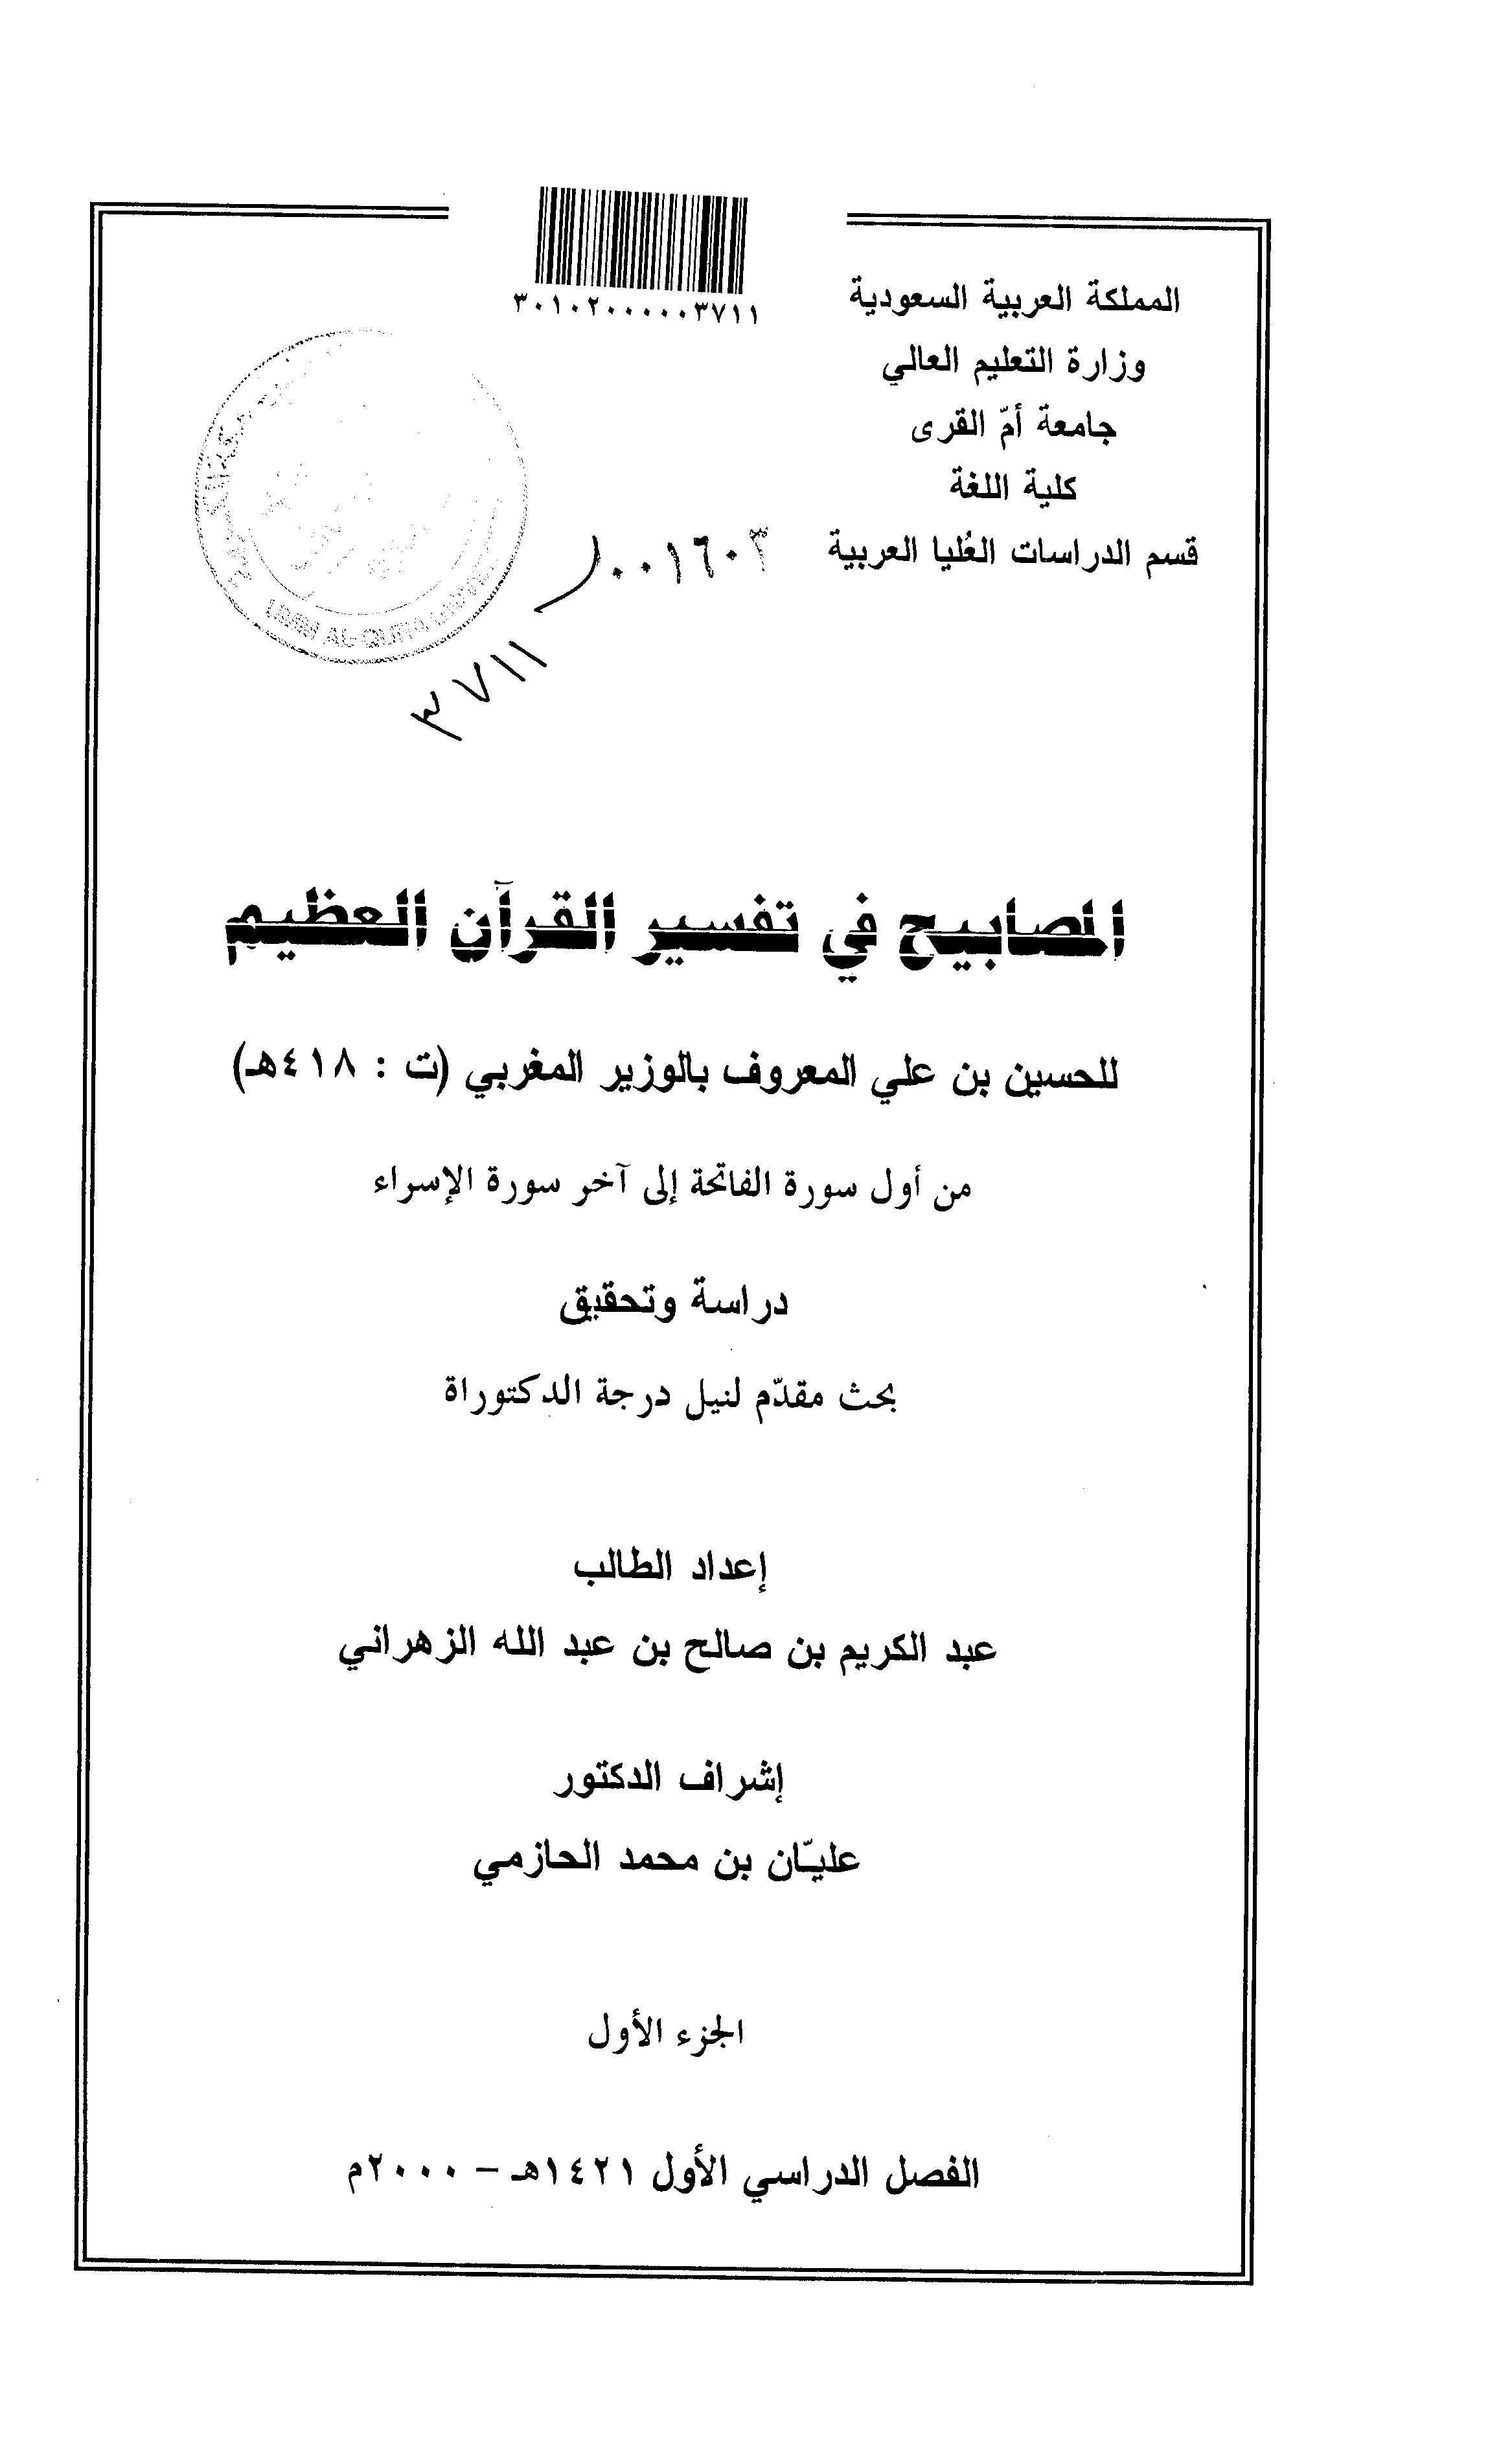 تحميل كتاب المصابيح في تفسير القرآن العظيم (من أول سورة الفاتحة إلى آخر سورة الإسراء) لـِ: الإمام أبو القاسم الحسين بن علي بن الحسين، الوزير المغربي (ت 418)